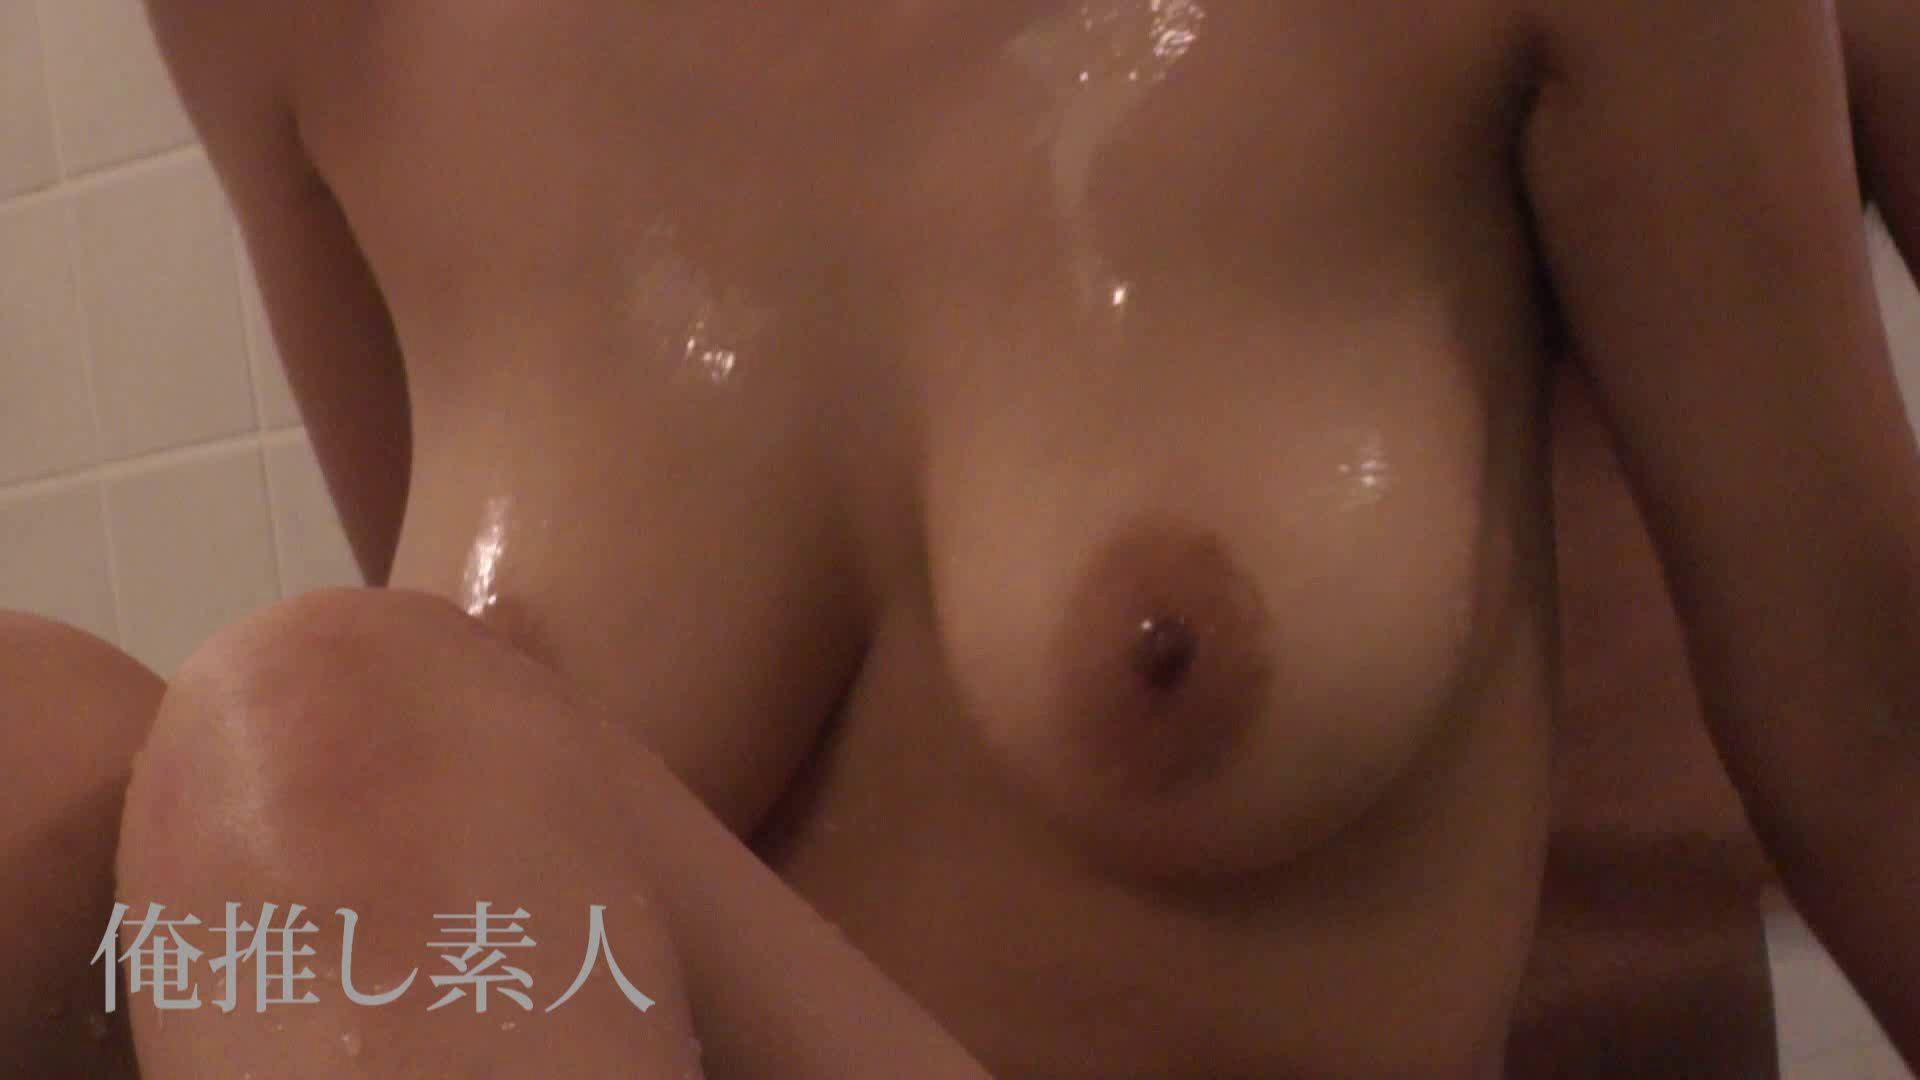 俺推し素人 30代人妻熟女キャバ嬢雫Vol.02 一般投稿  100pic 98